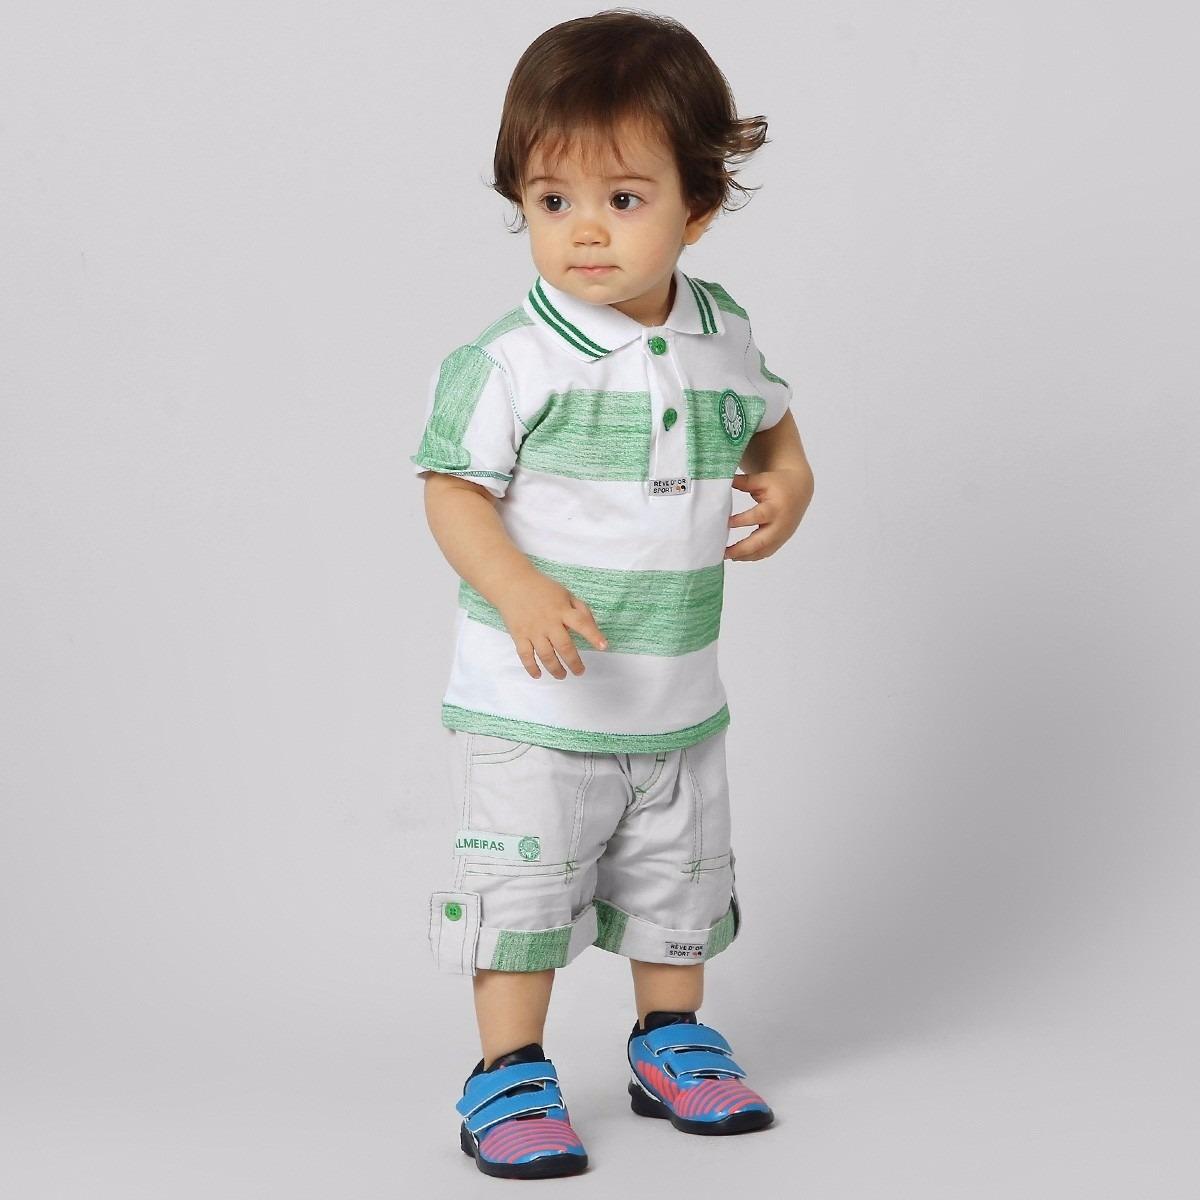 Camisa Do Palmeiras Para Bebê 3d6b6d8503a30